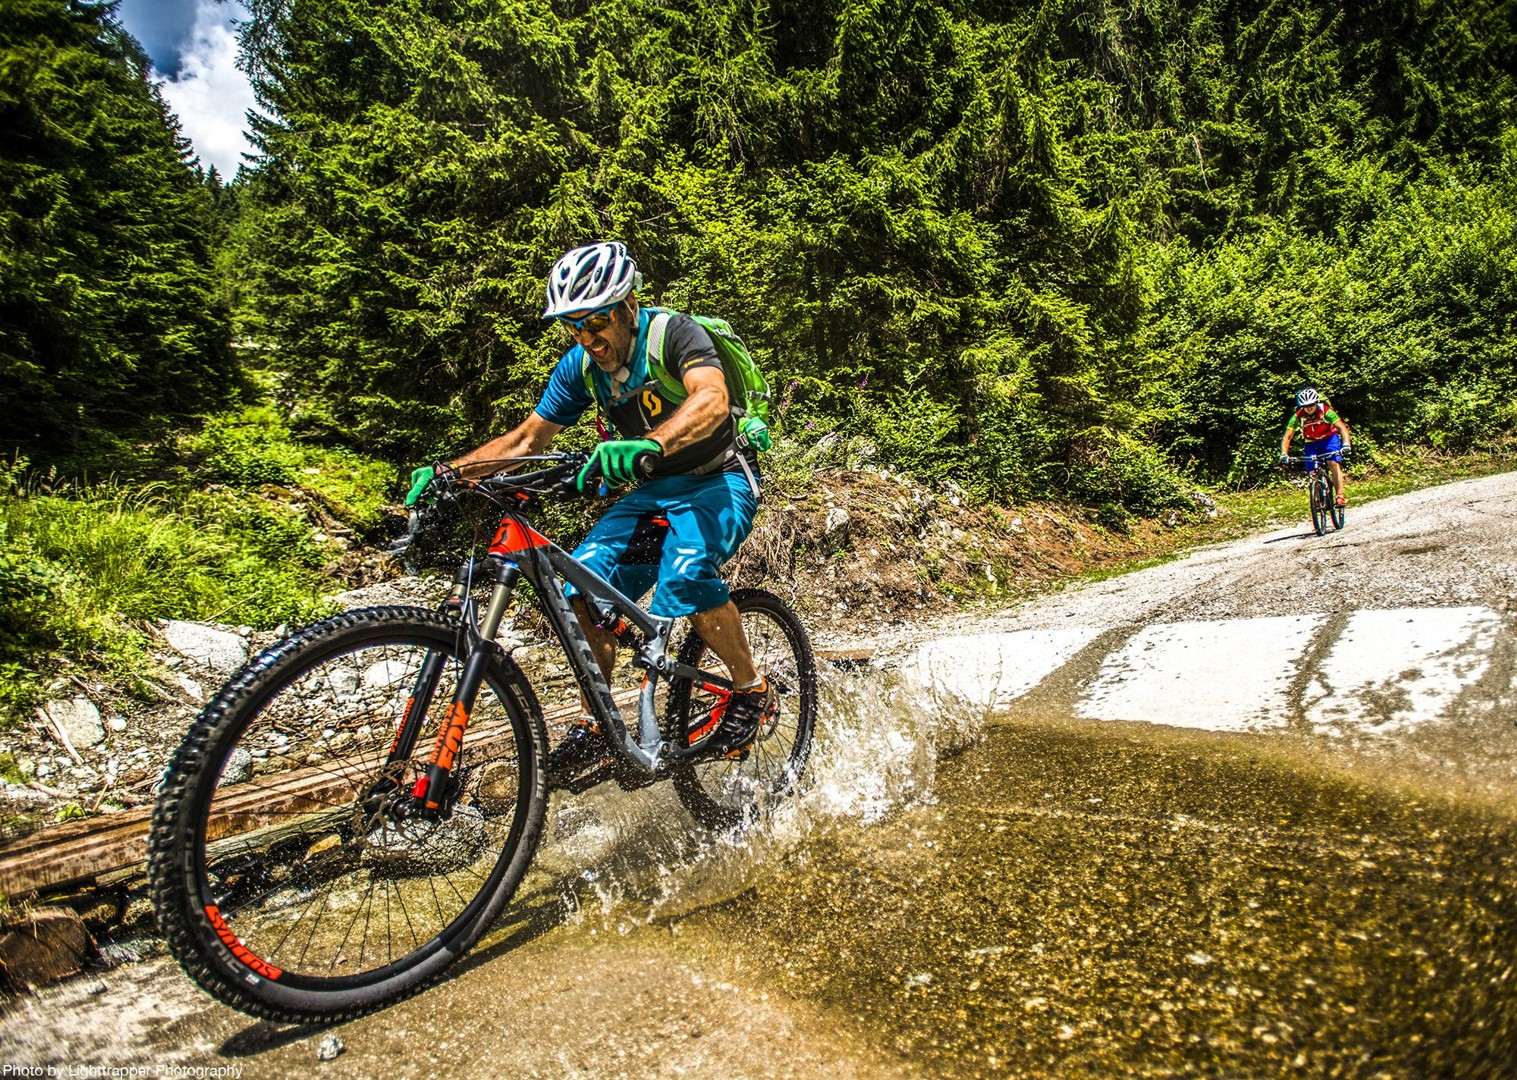 saddle_skedaddle_italy_2017_day6_brenta_dolomites_85-2.jpg - Italy - Dolomites of Brenta - Guided Mountain Bike Holiday - Italia Mountain Biking